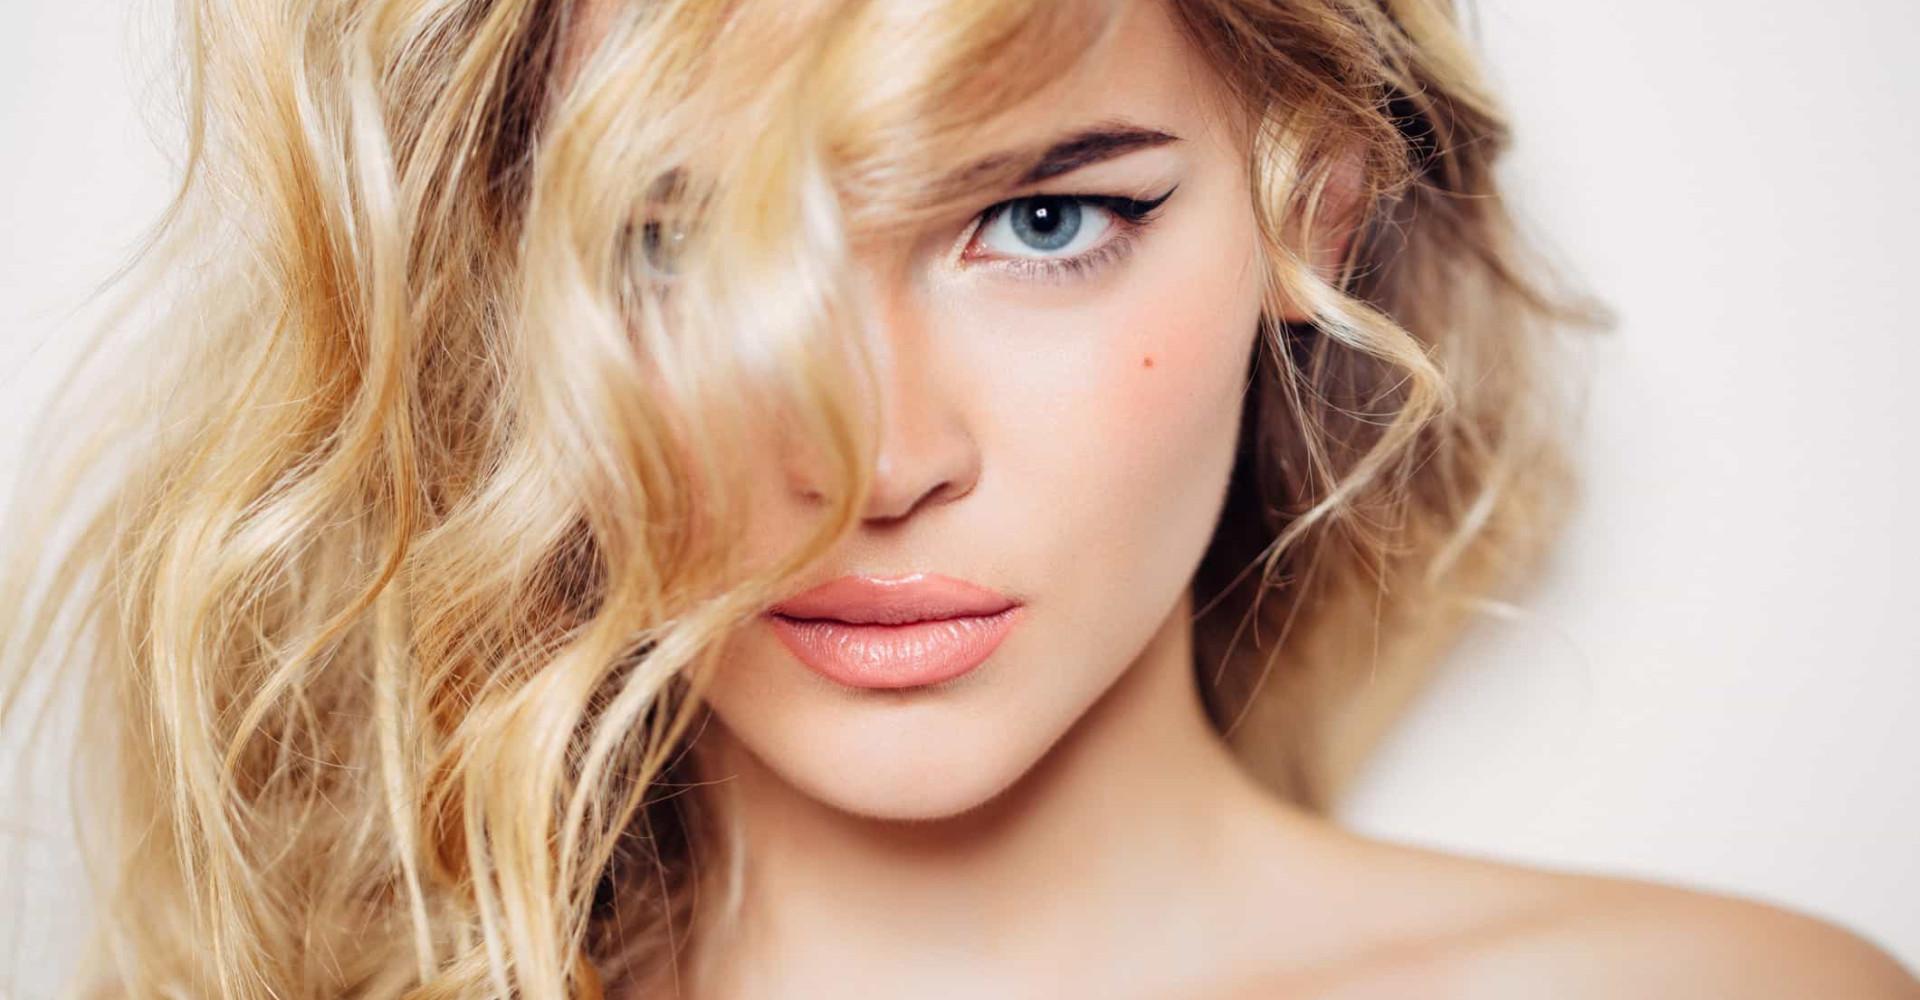 Capelli perfetti: i trattamenti fai-da-te per una chioma lucente